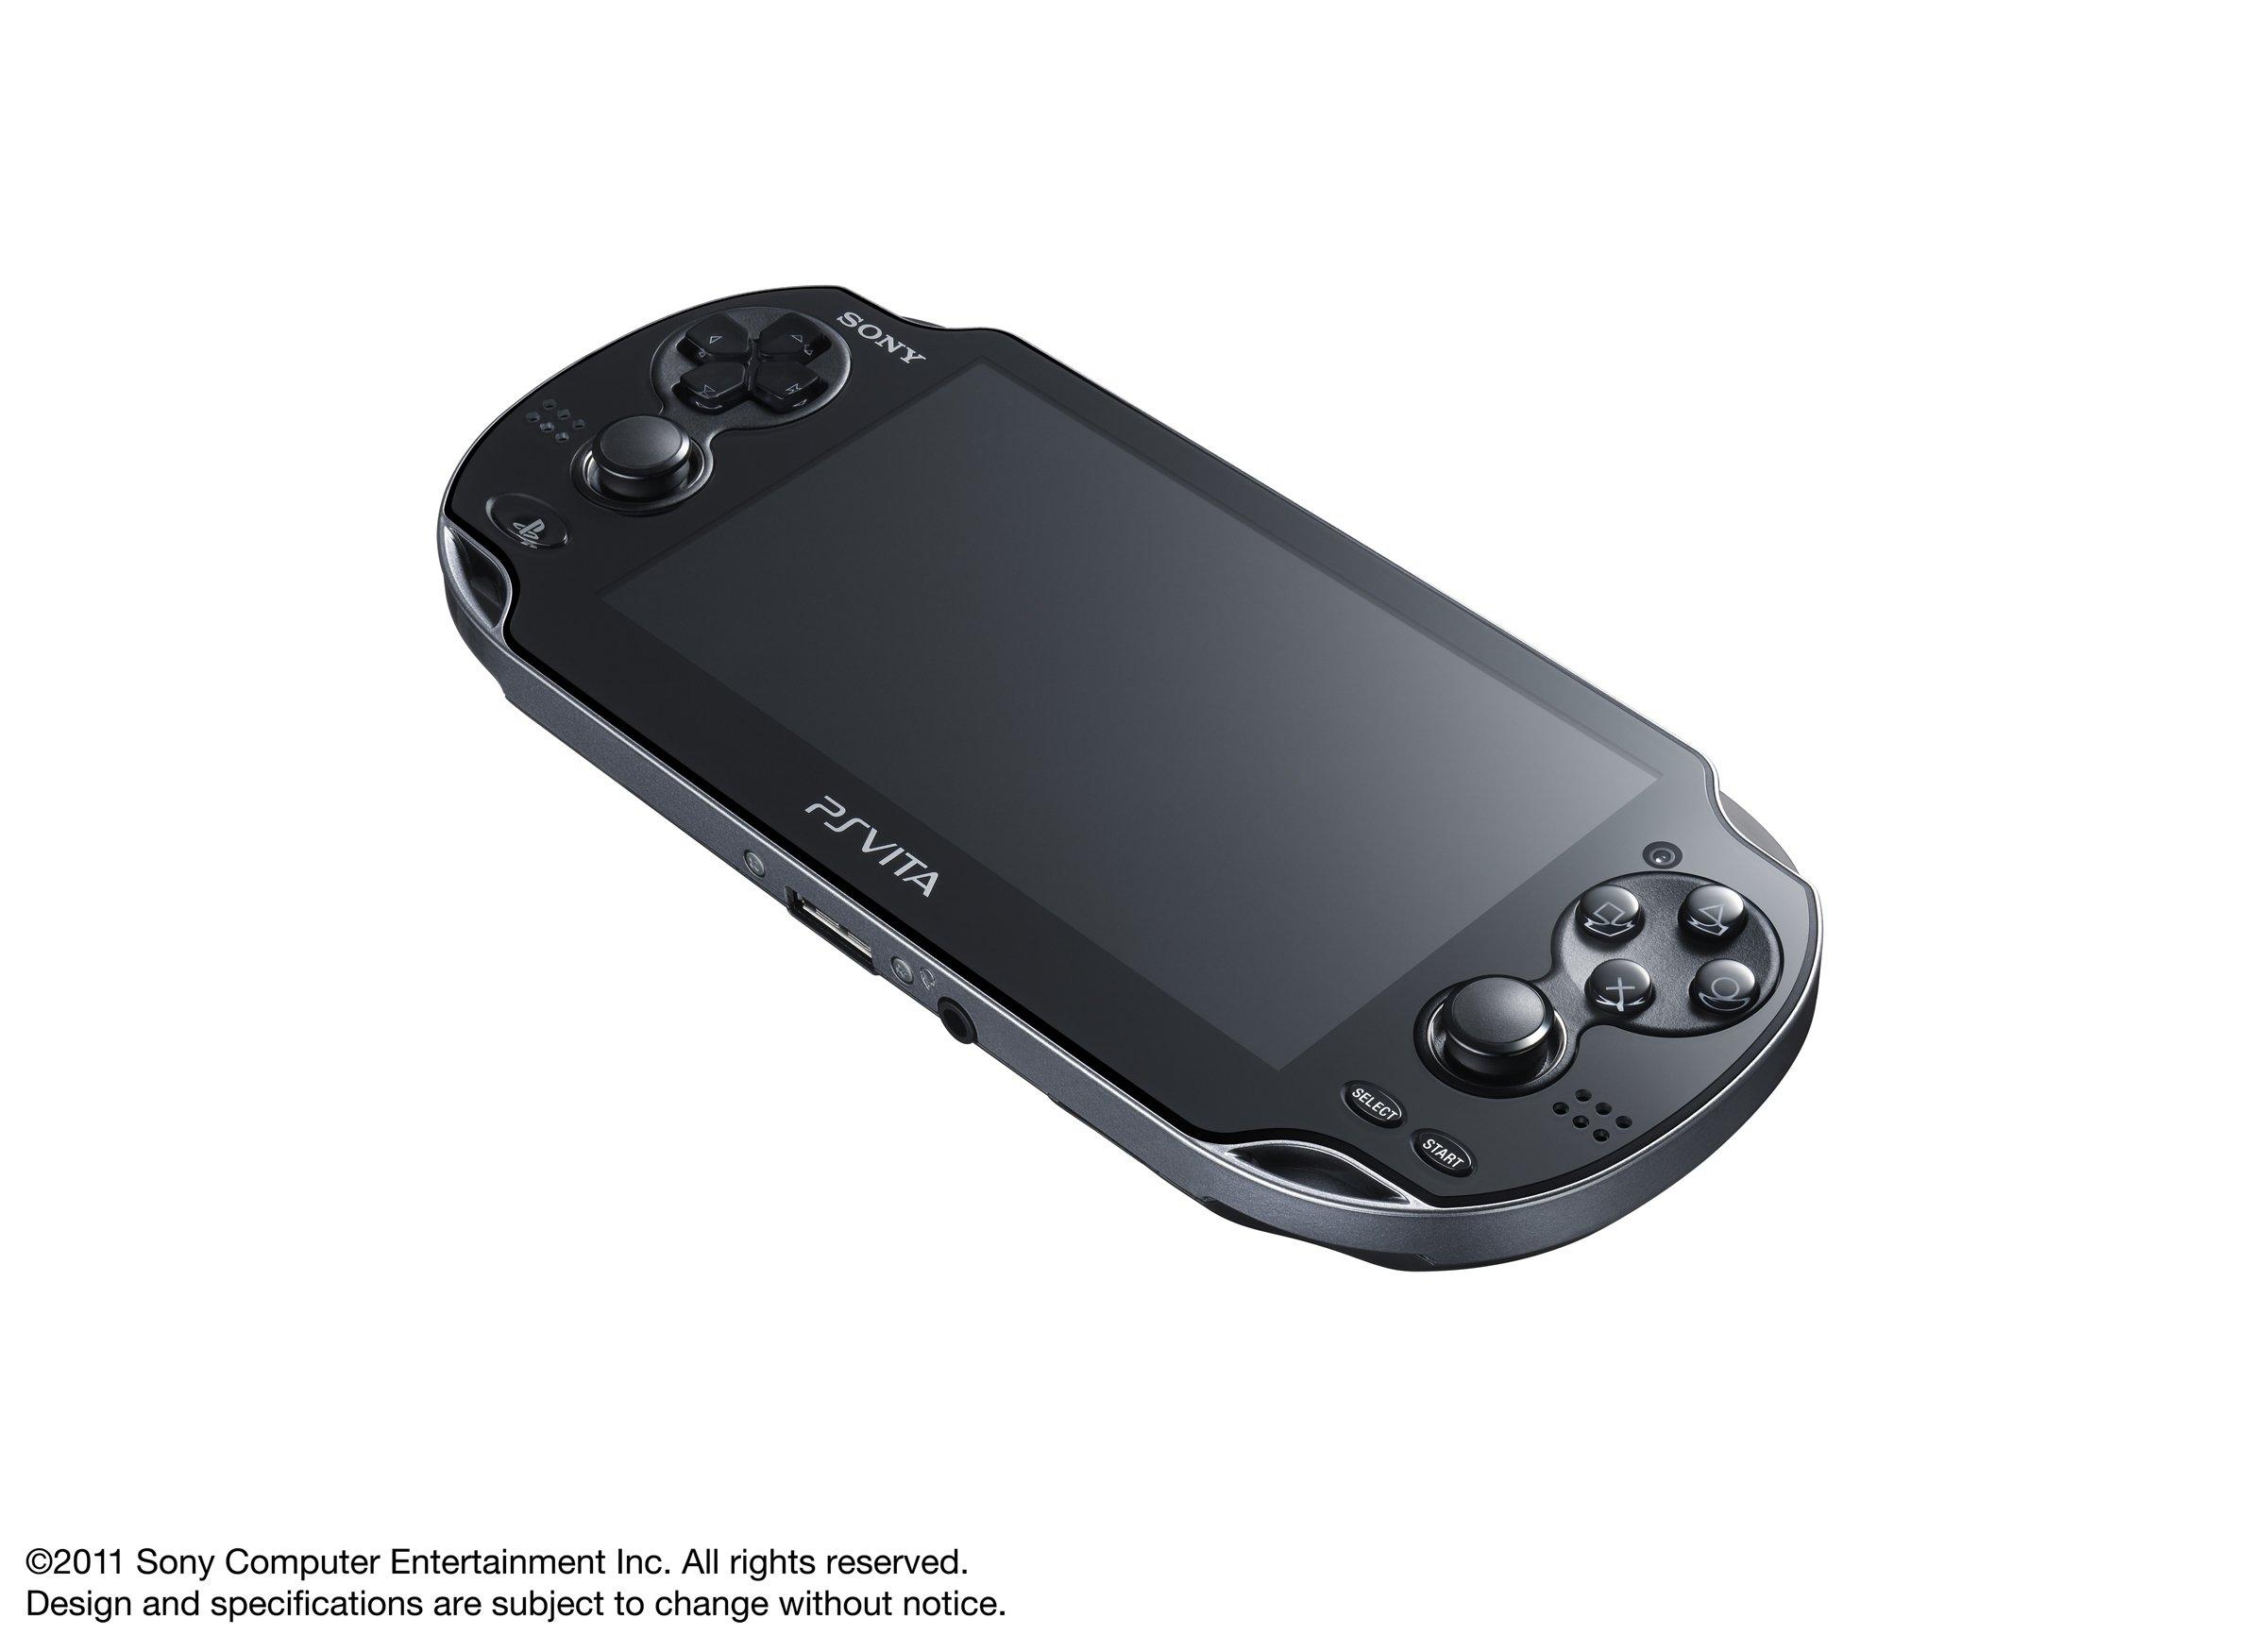 PlayStation Vita 3G/Wi-Fi Model Crystal Black Limited edition (PCH-1100AB01) by Sony (Image #2)